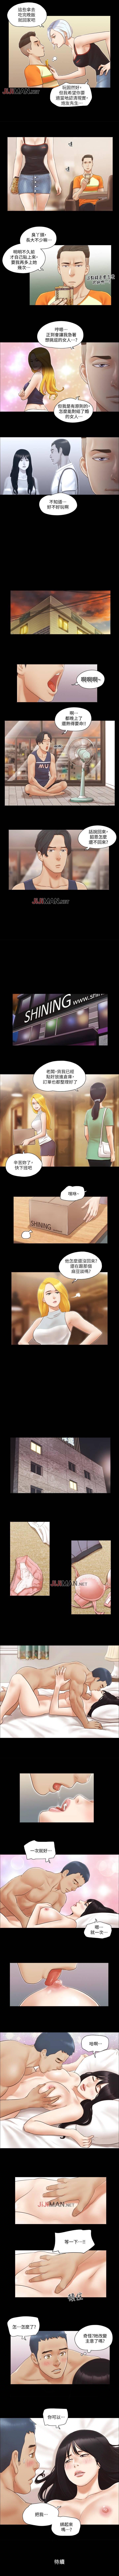 【周五连载】协议换爱(作者:遠德) 第1~62话 66